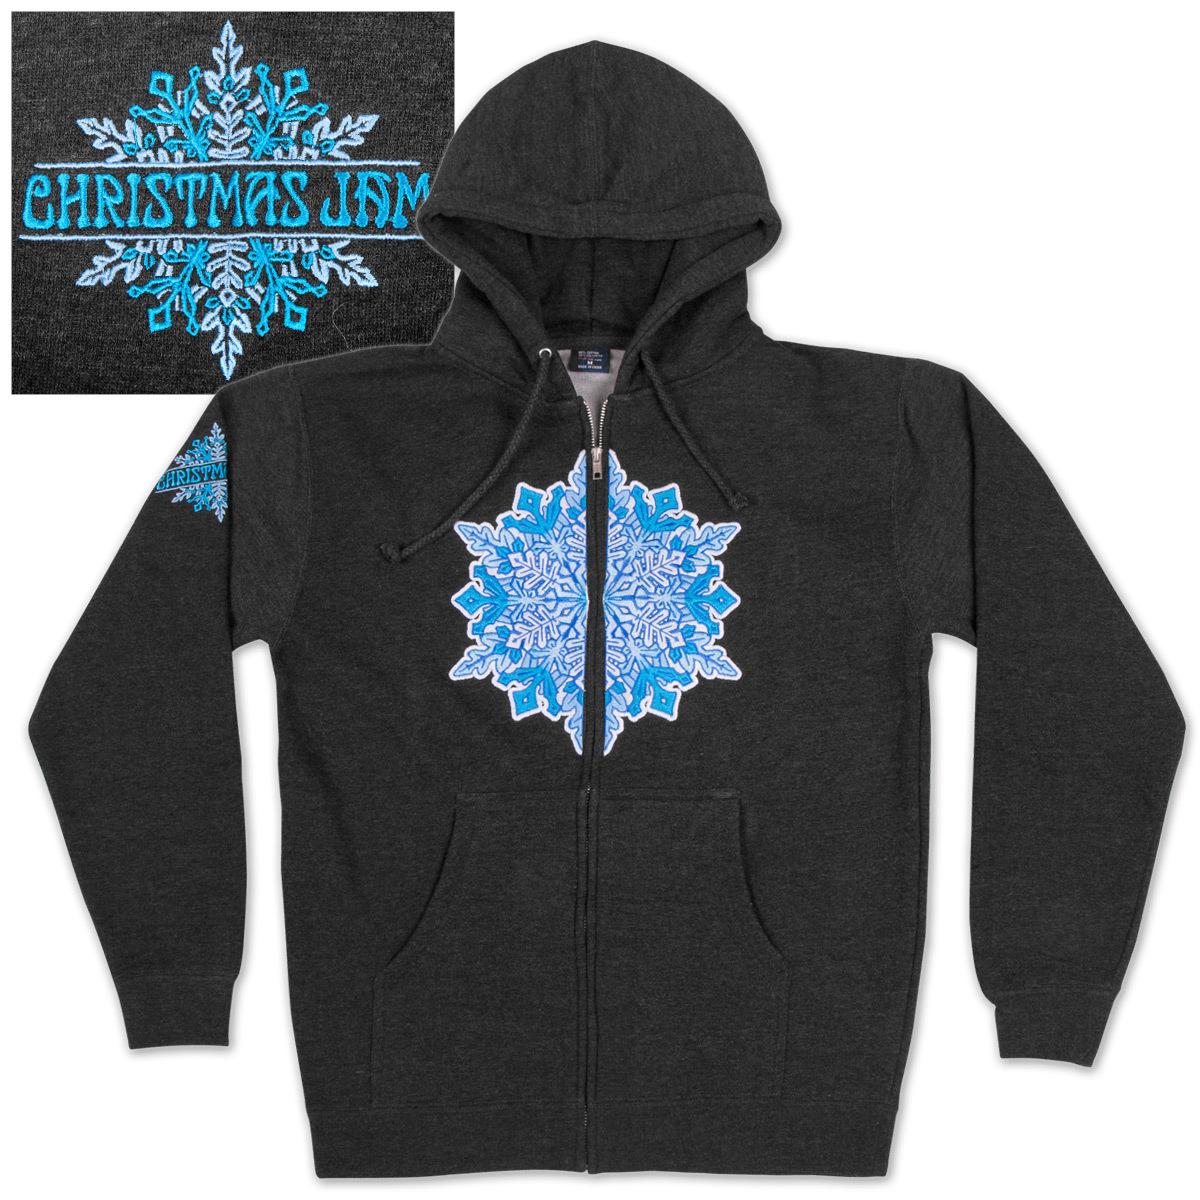 Warren Haynes 2012 Xmas Jam Zip-Up Sweatshirt